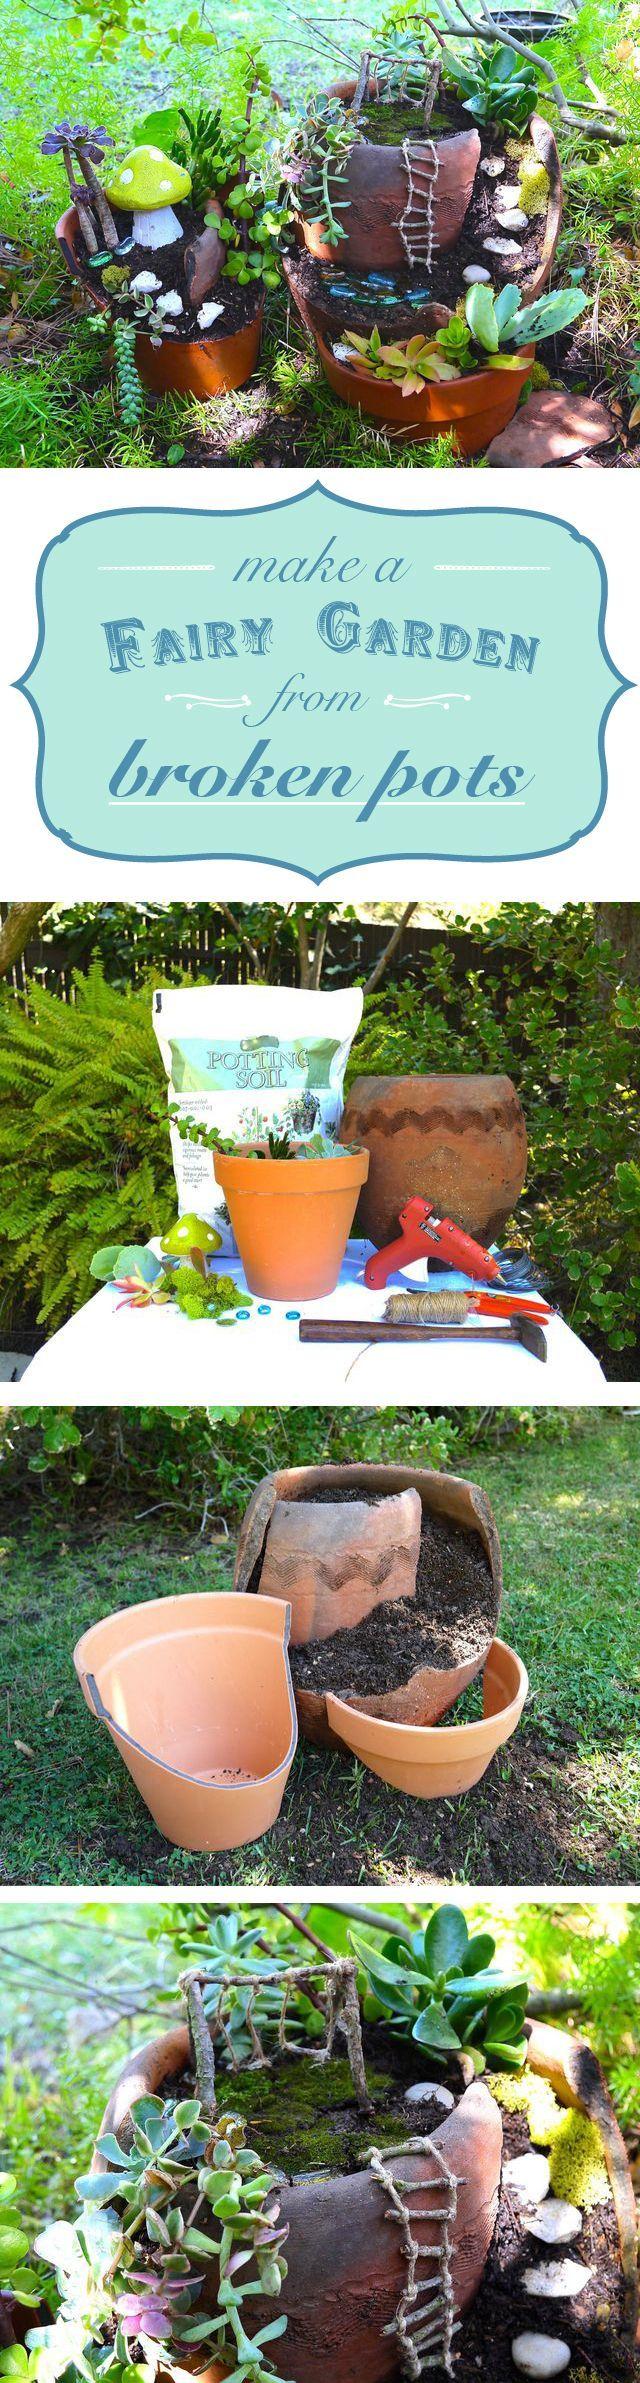 Best 25+ Broken pot garden ideas on Pinterest | Fairy garden pots ...